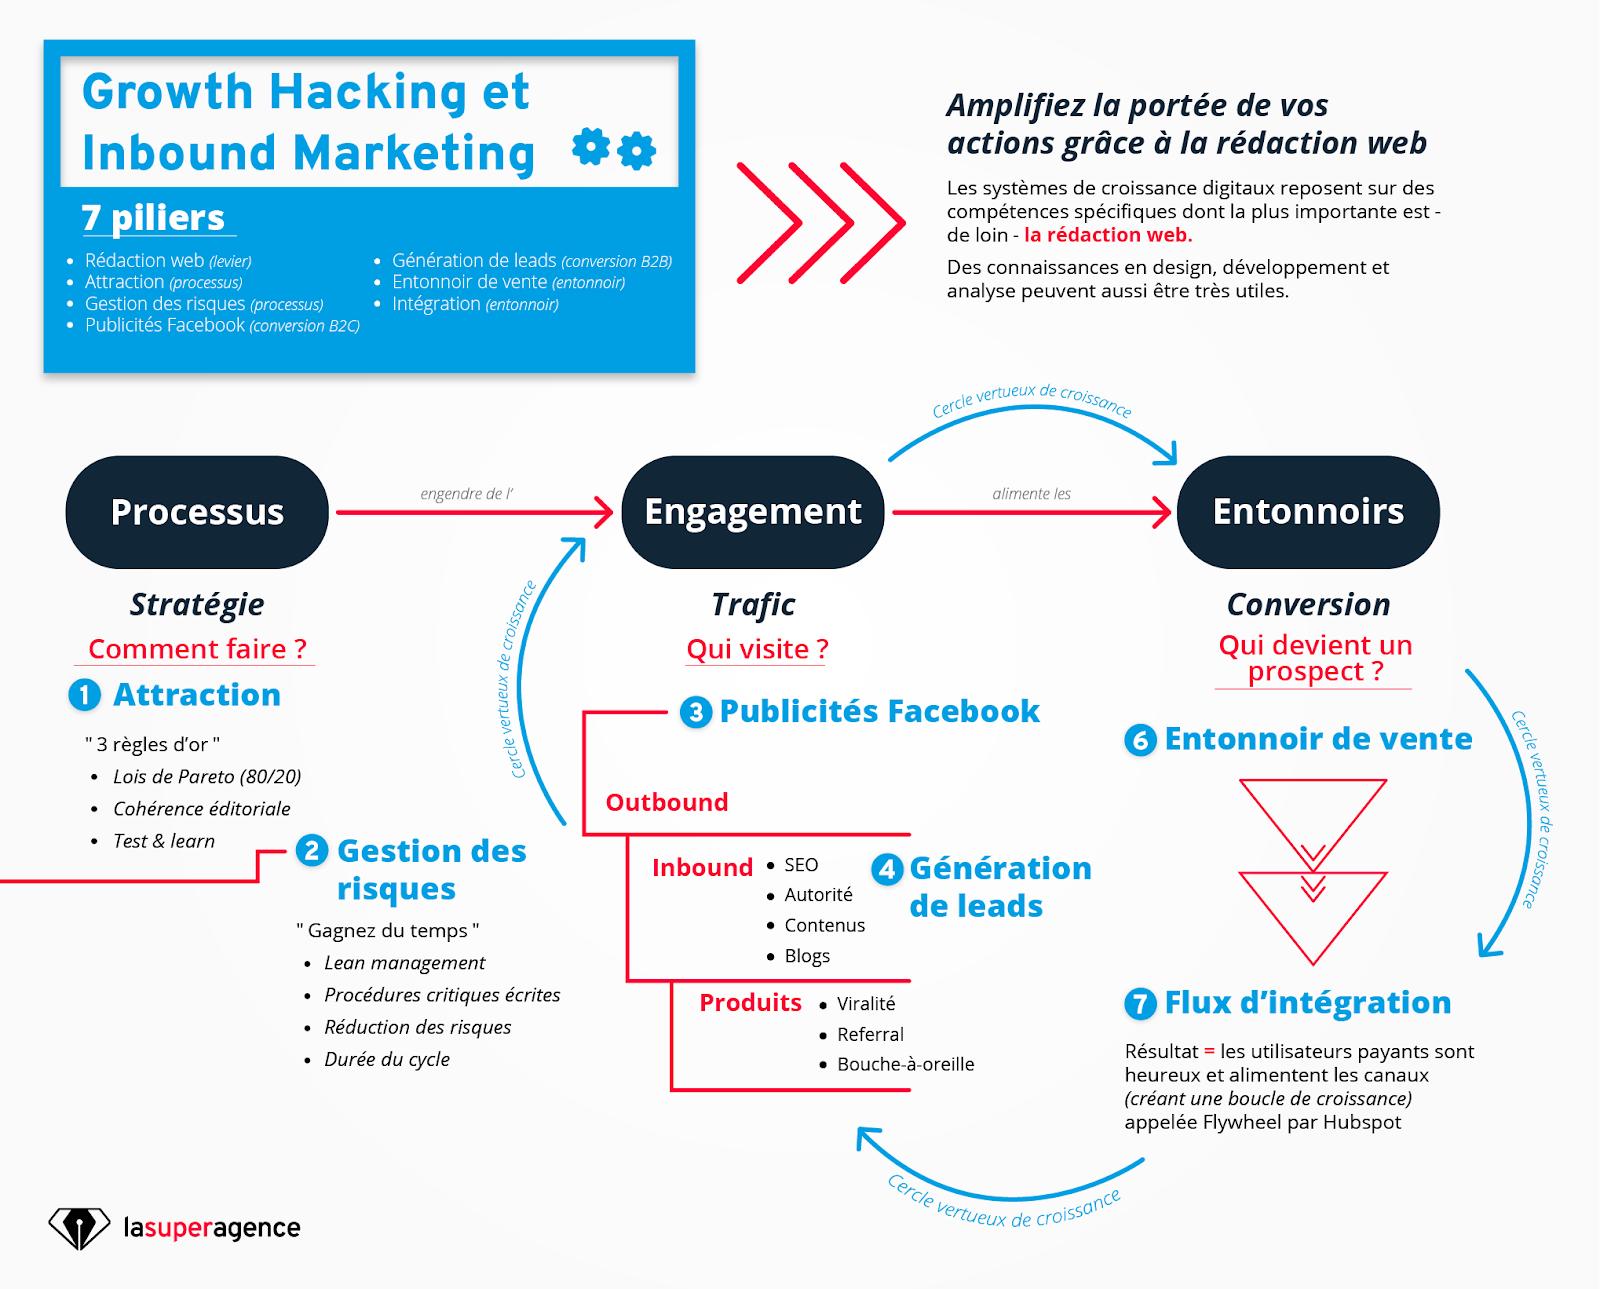 Growth Hacking et Inbound Marketing en un schéma